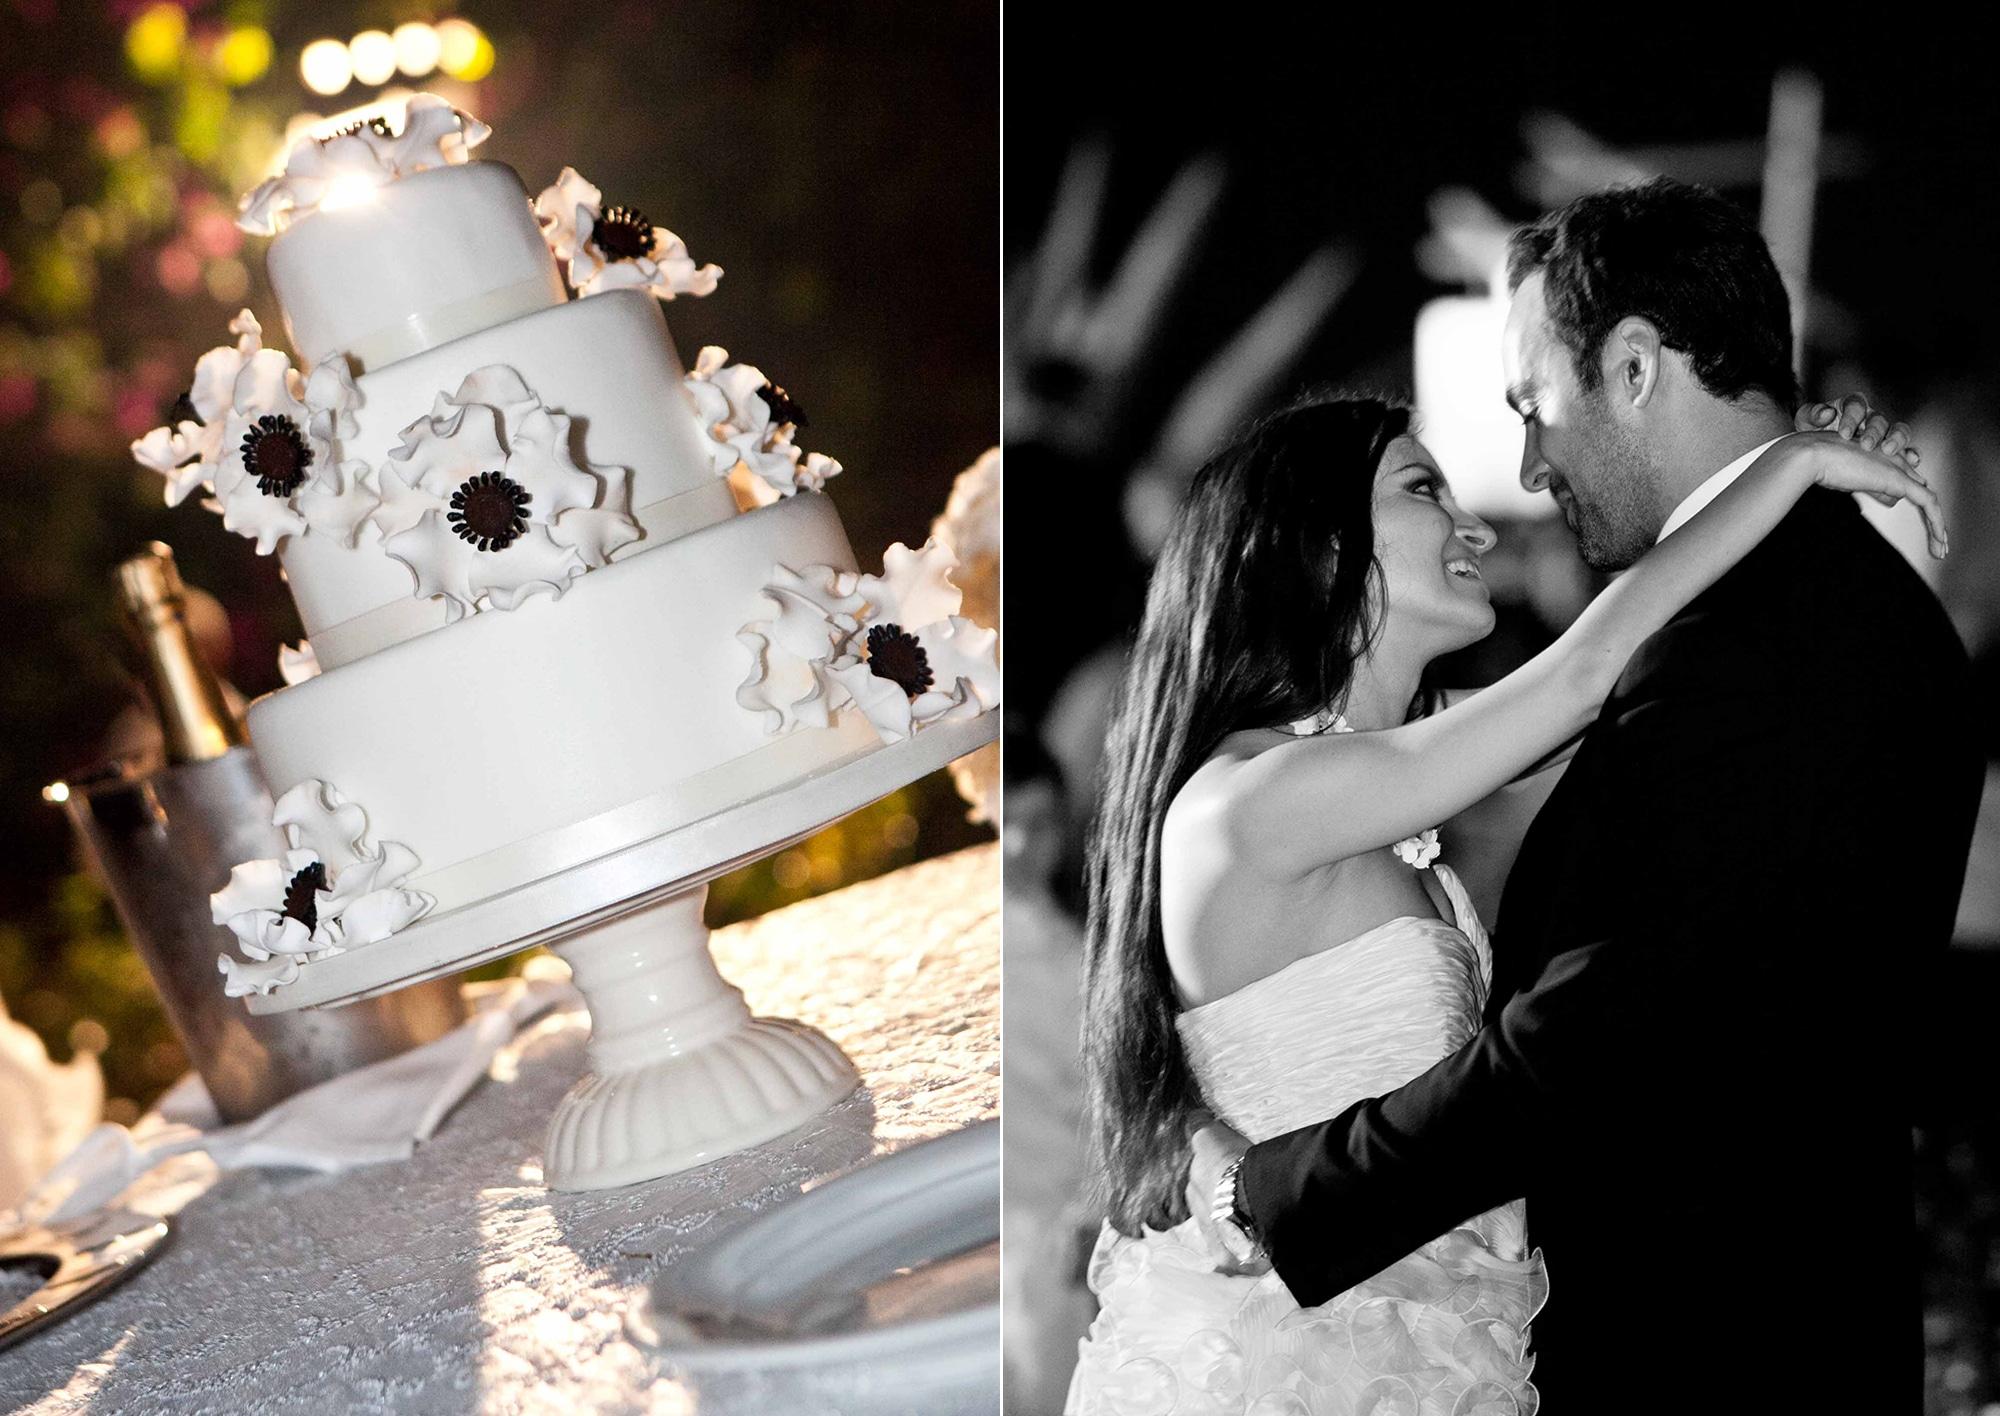 Ένας γάμος ντυμένος στα λευκά